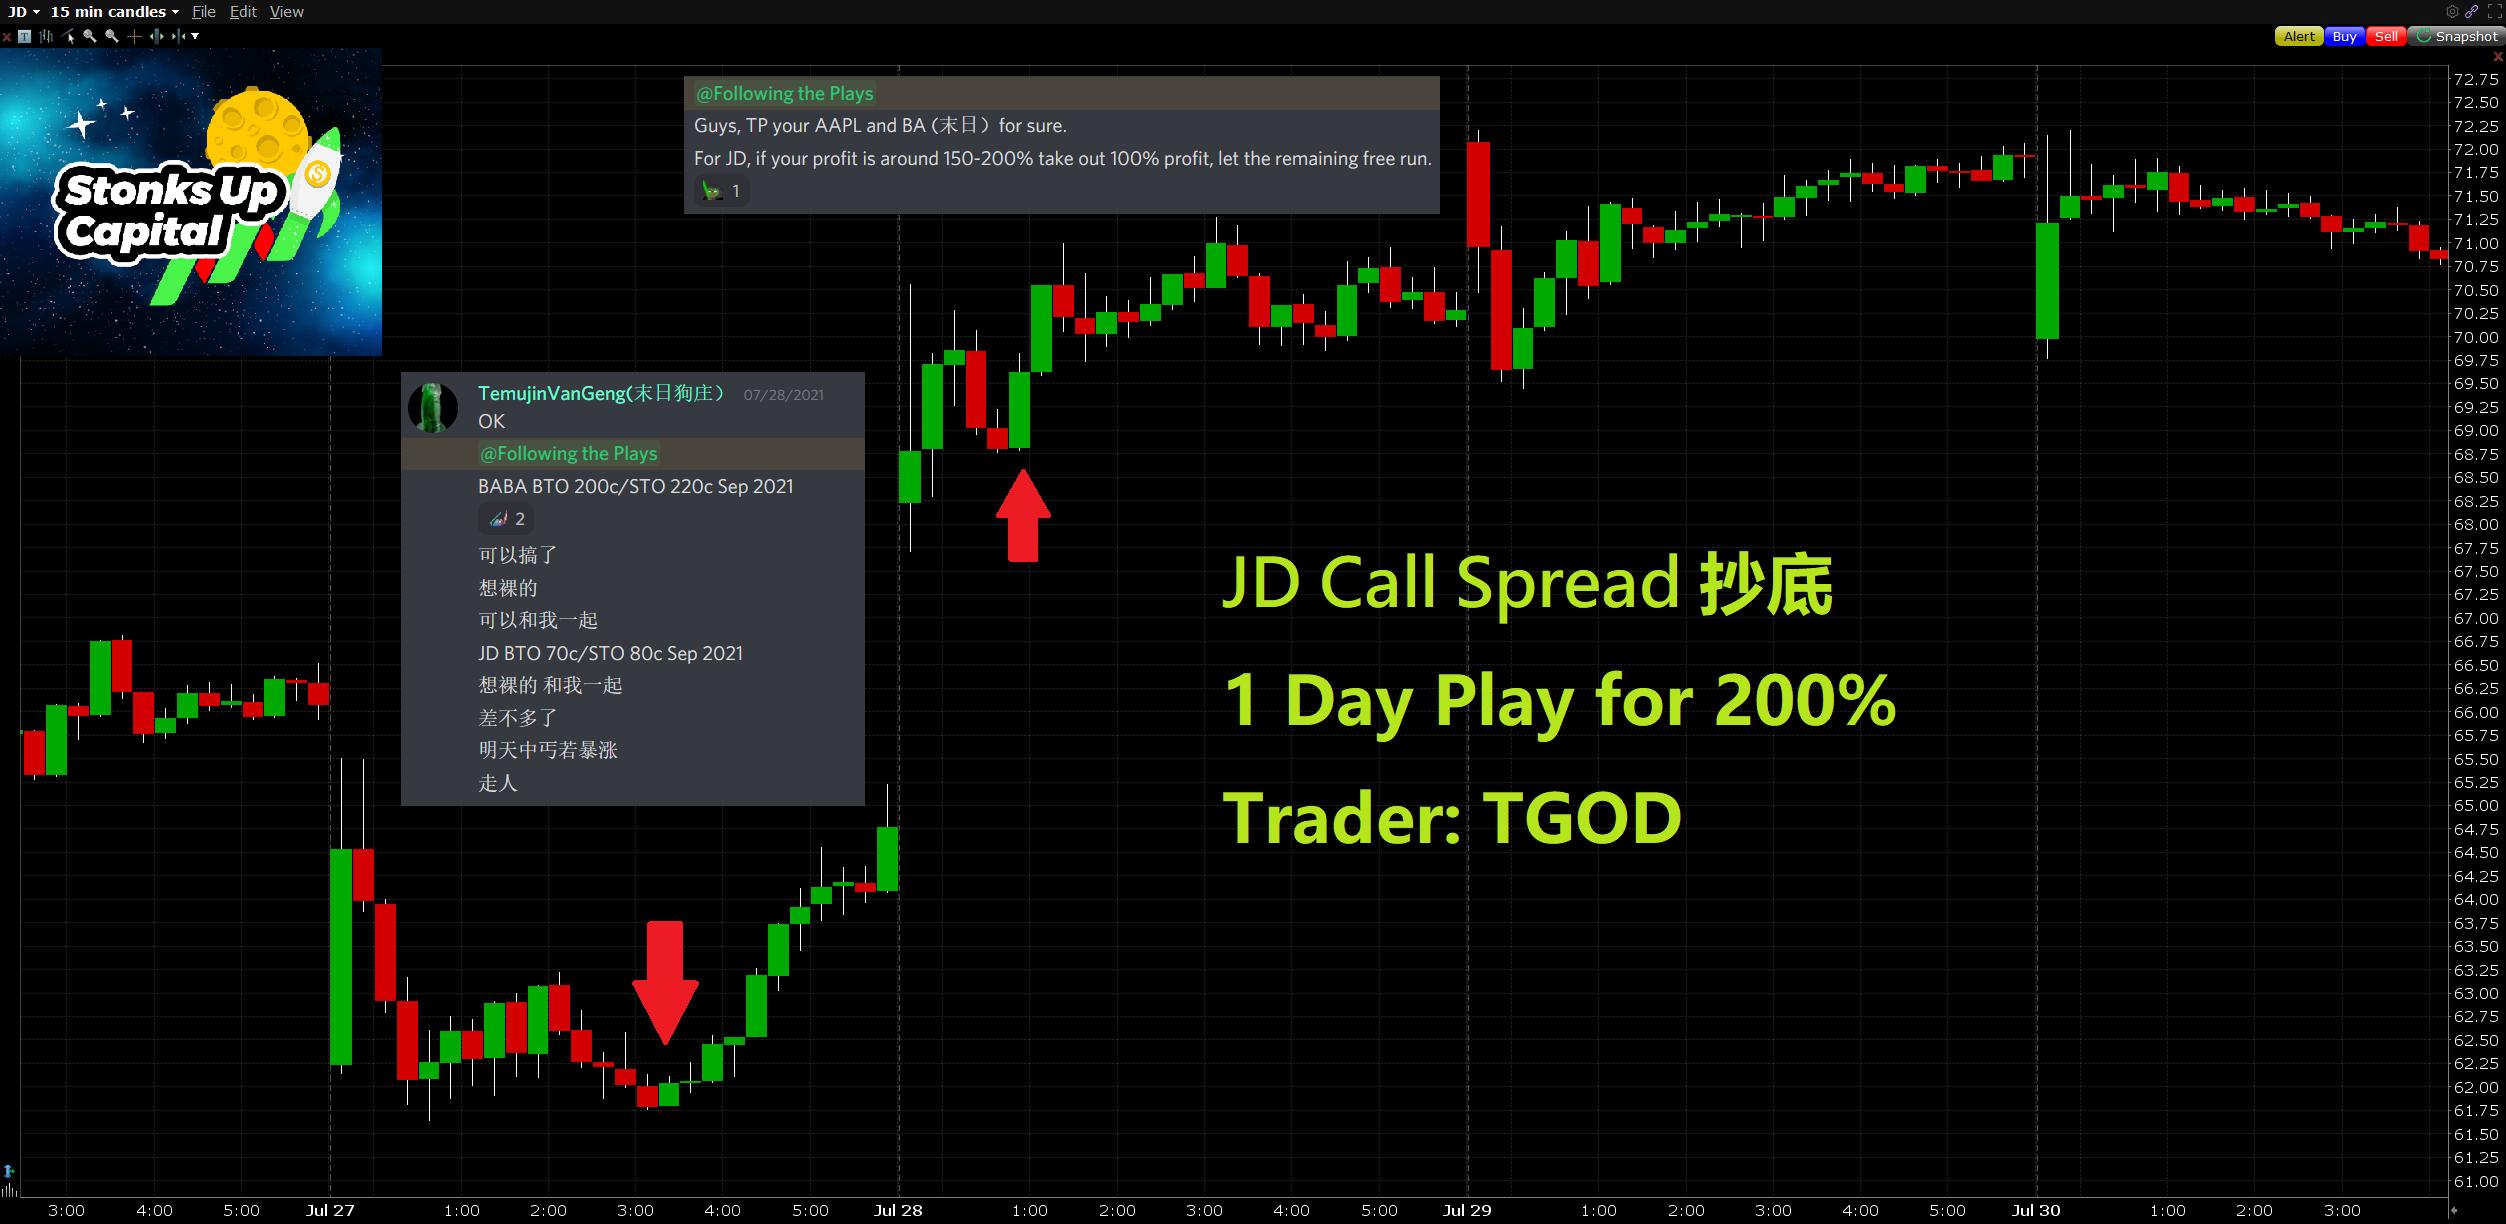 July 27, 2021 $JD